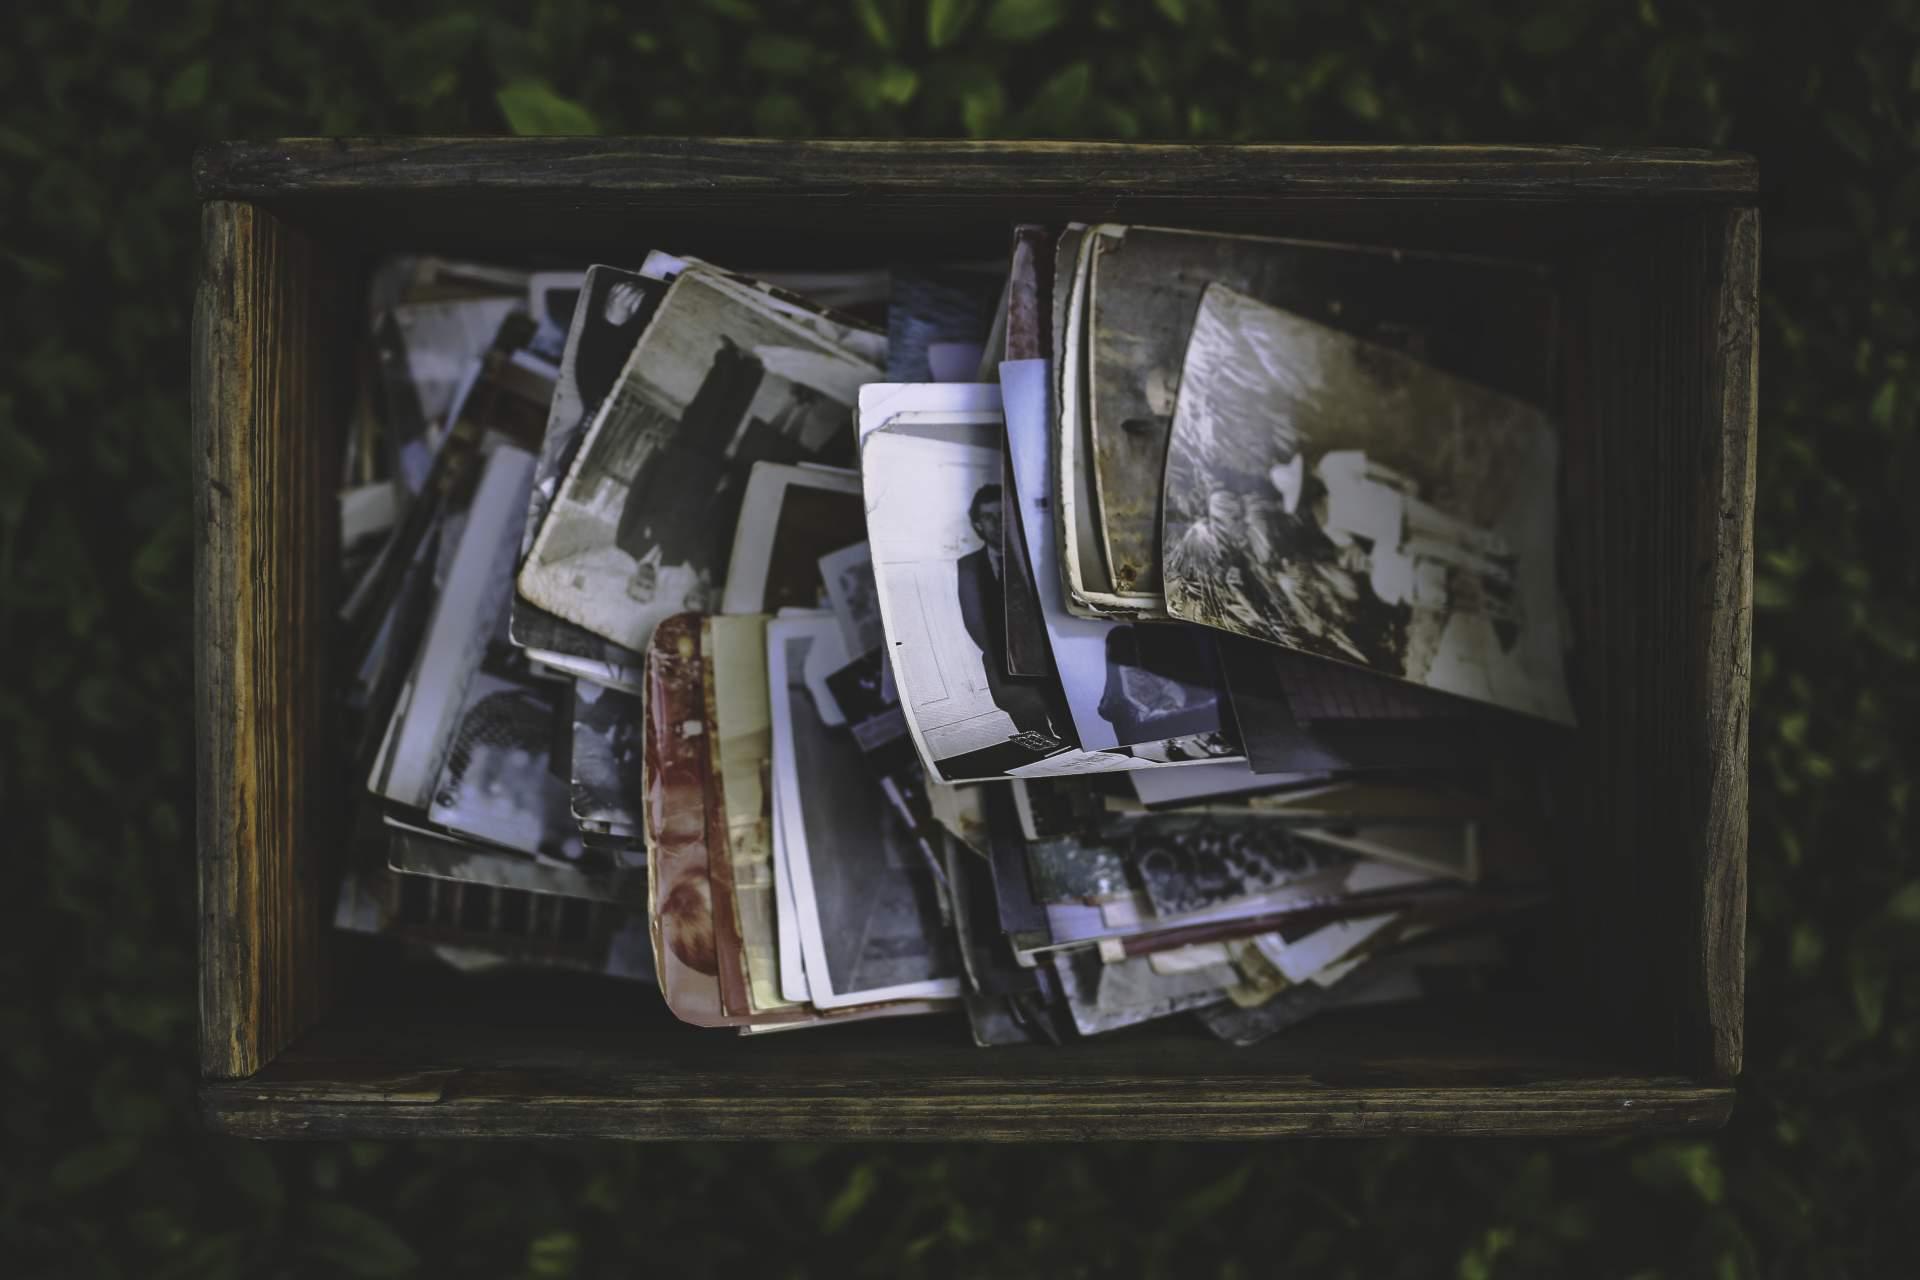 Früher waren es Fotos in einer Box, heute sind es Bilder auf einem Stick.